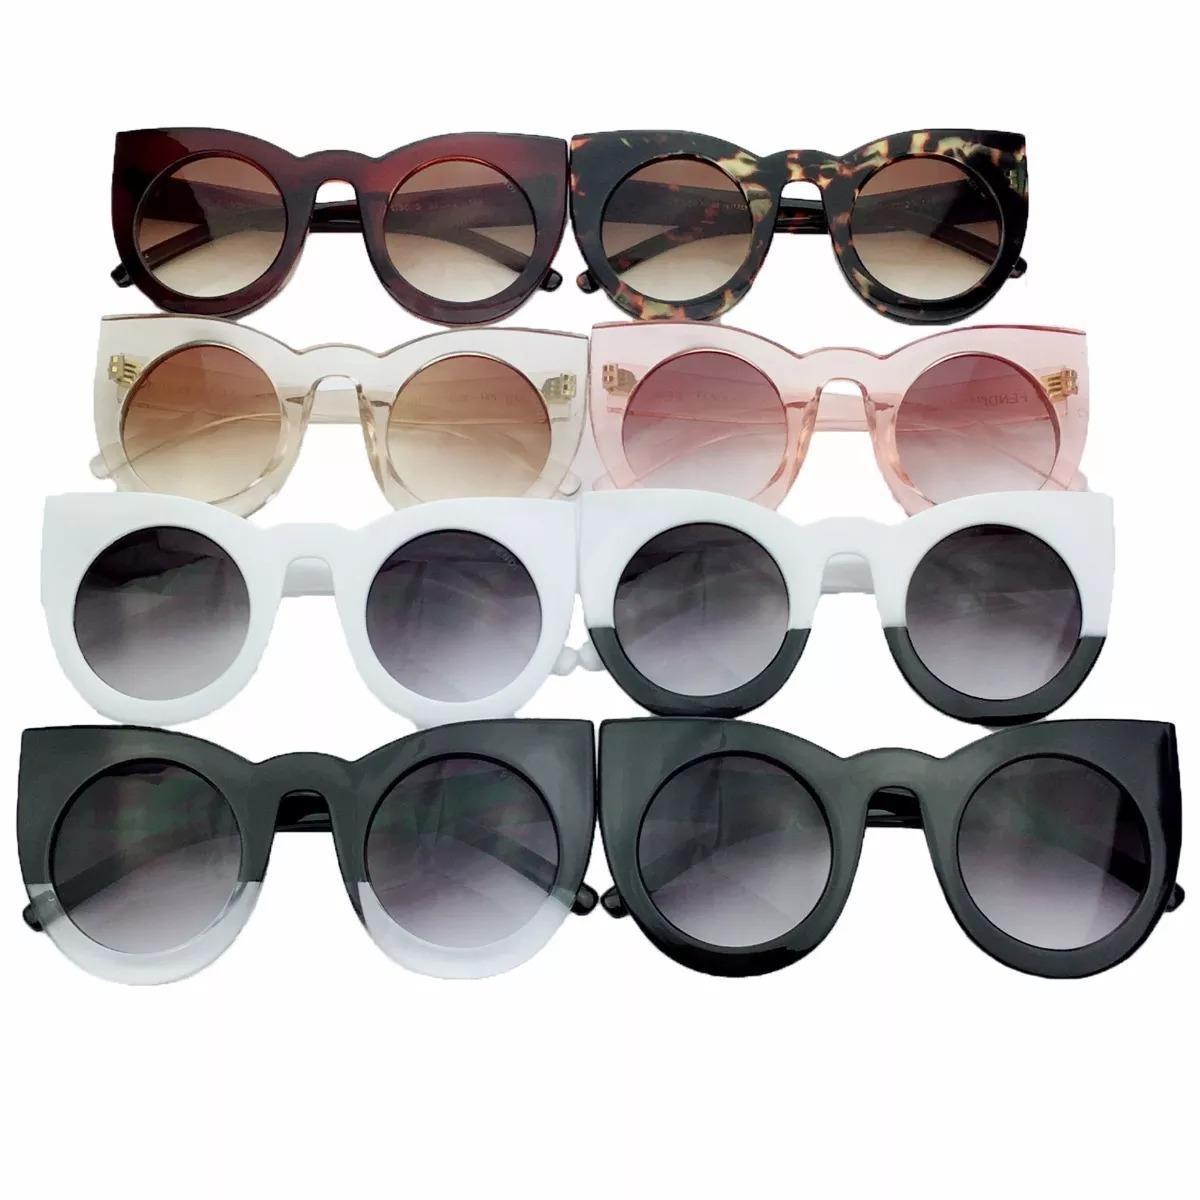 685334984aa64 óculos de sol fendi lolly gatinho + brinde. Carregando zoom.